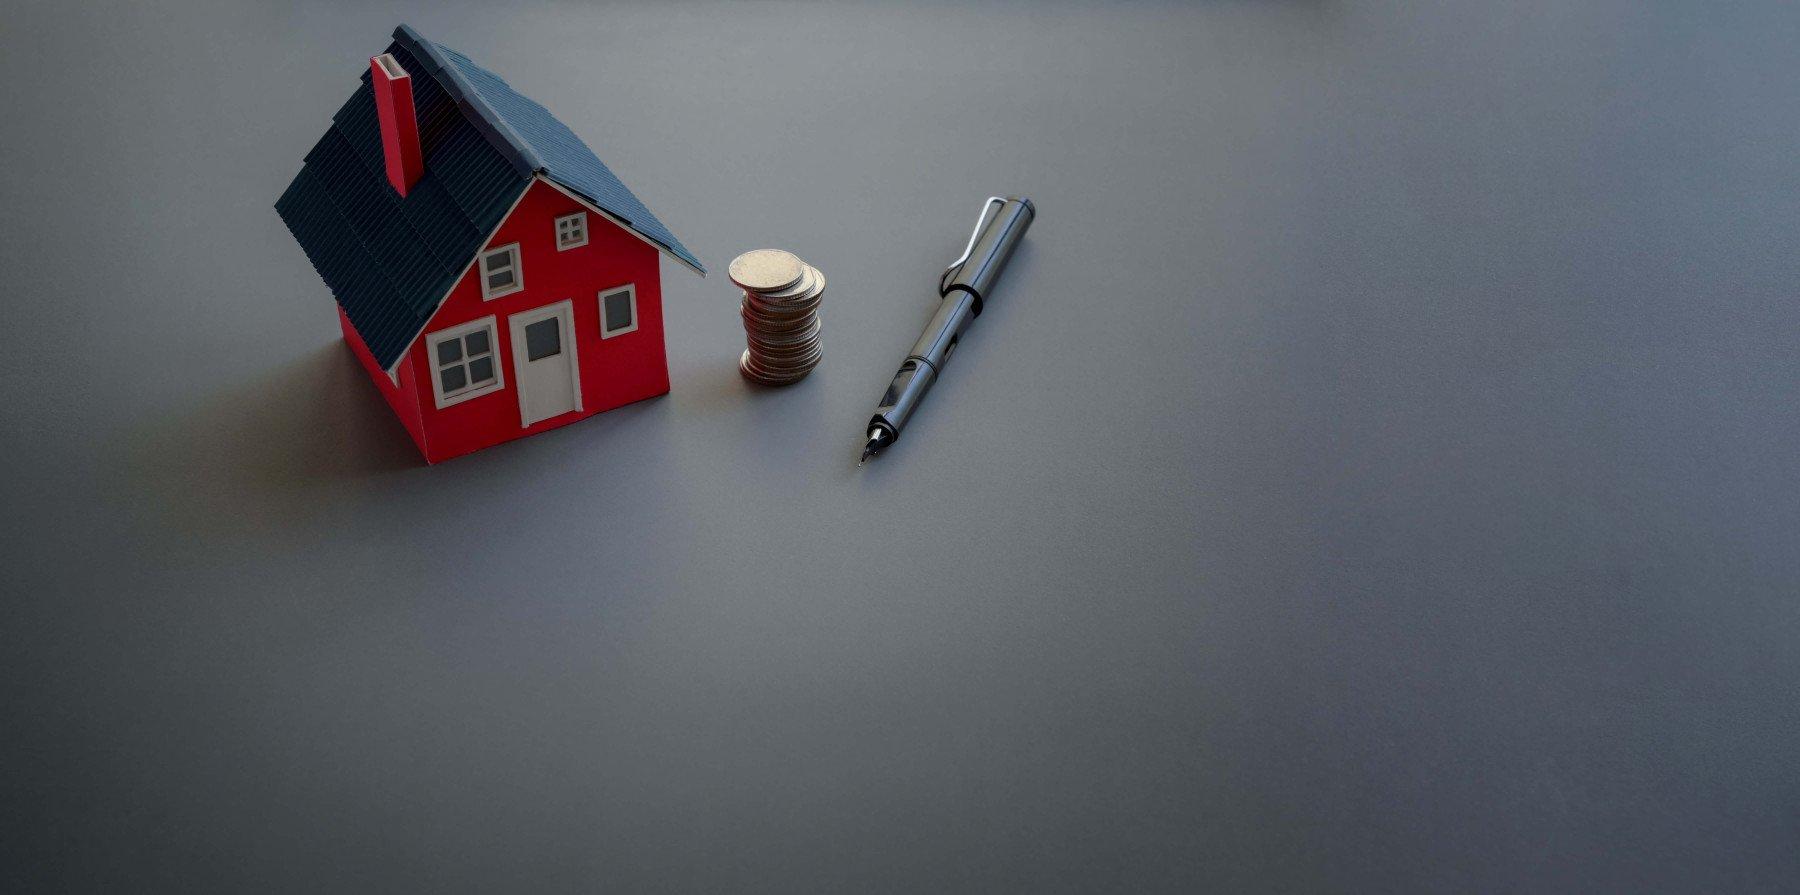 hus, pengar och penna